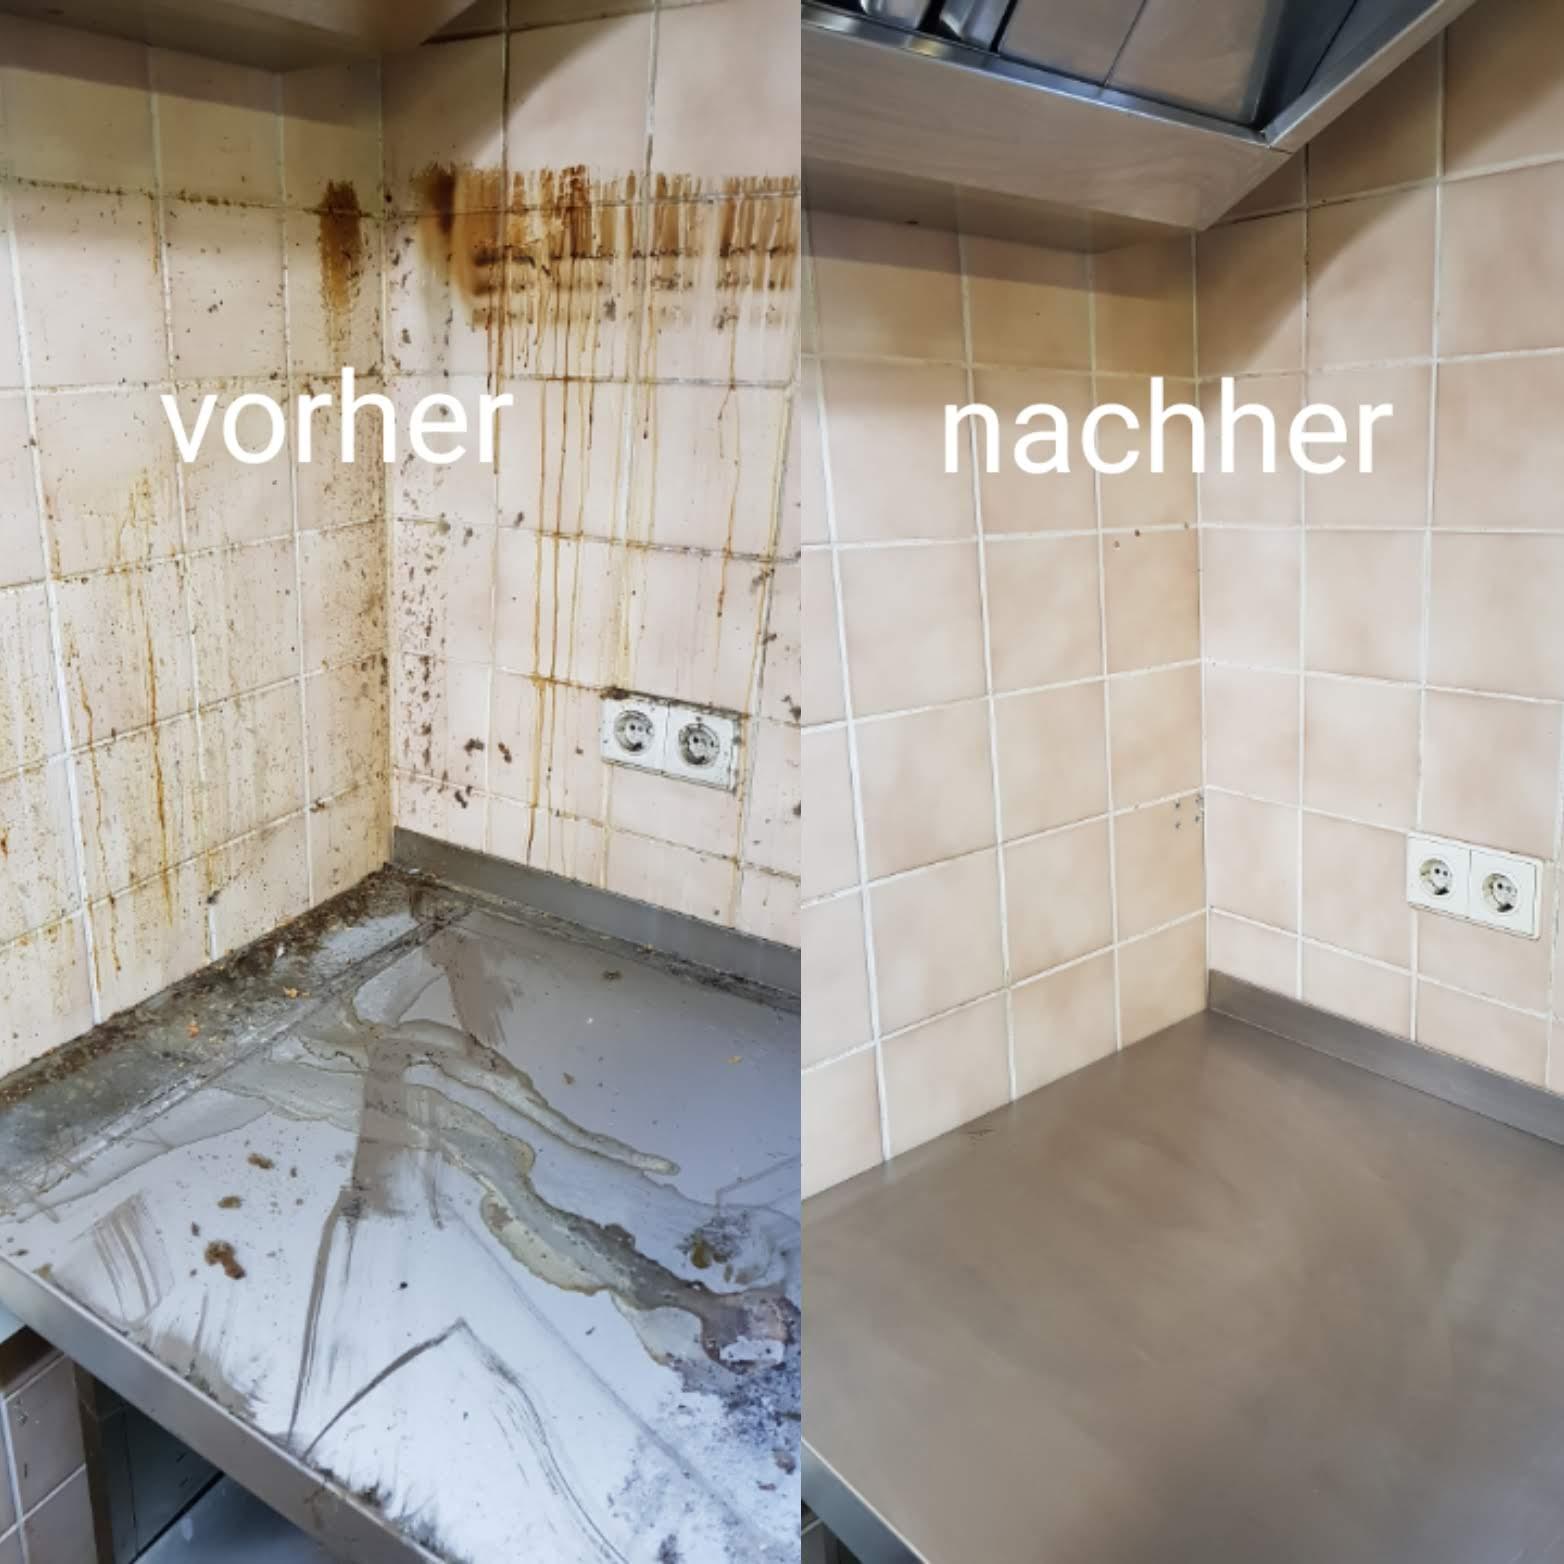 Vorher / Nachher: Küchenreinigung